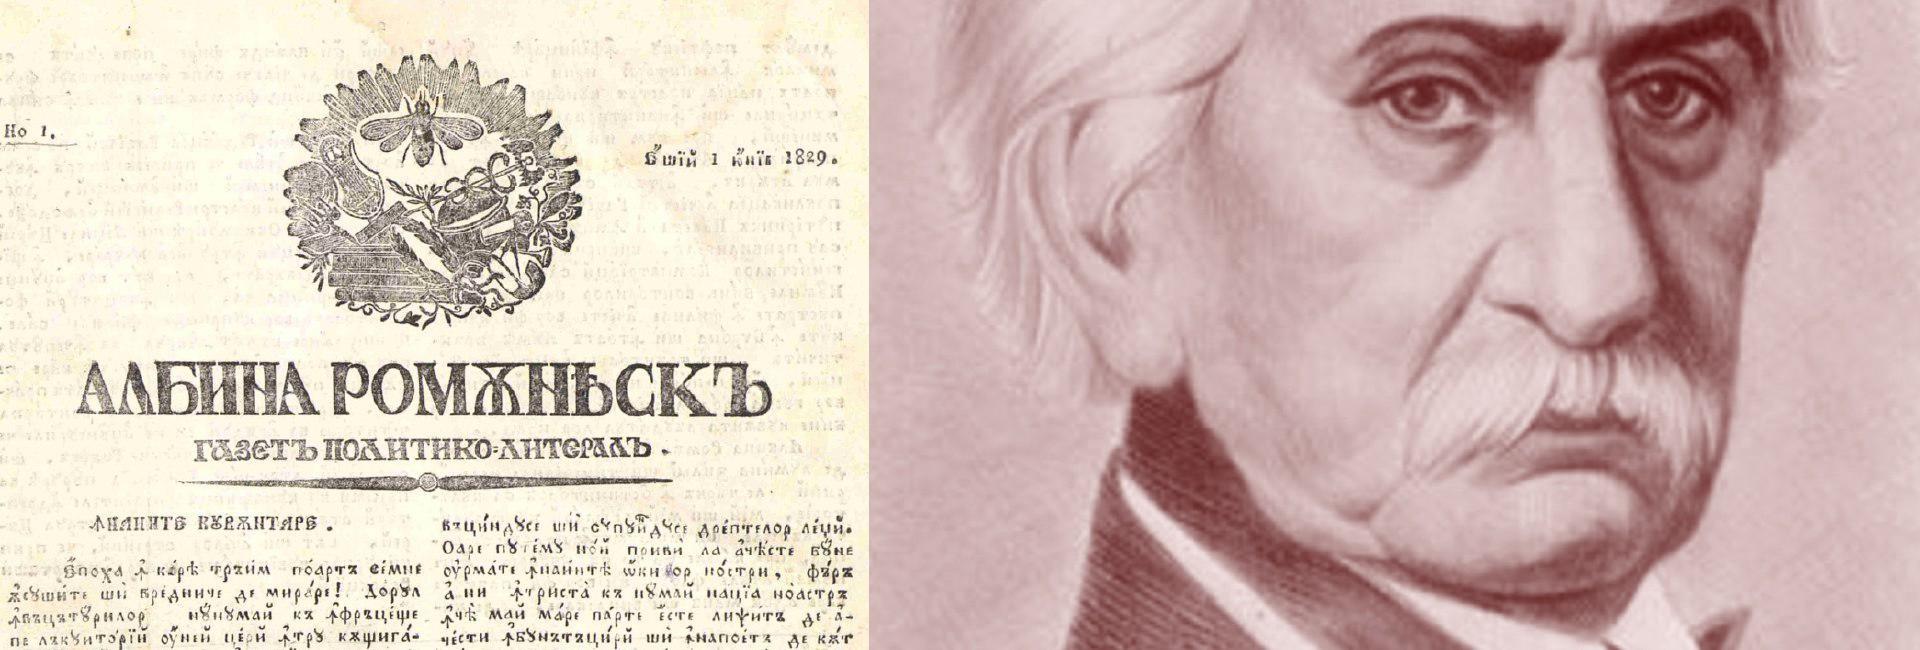 Gheorghe Asachi fabula românească prima instituție de învățământ superior modernă din Moldova slider